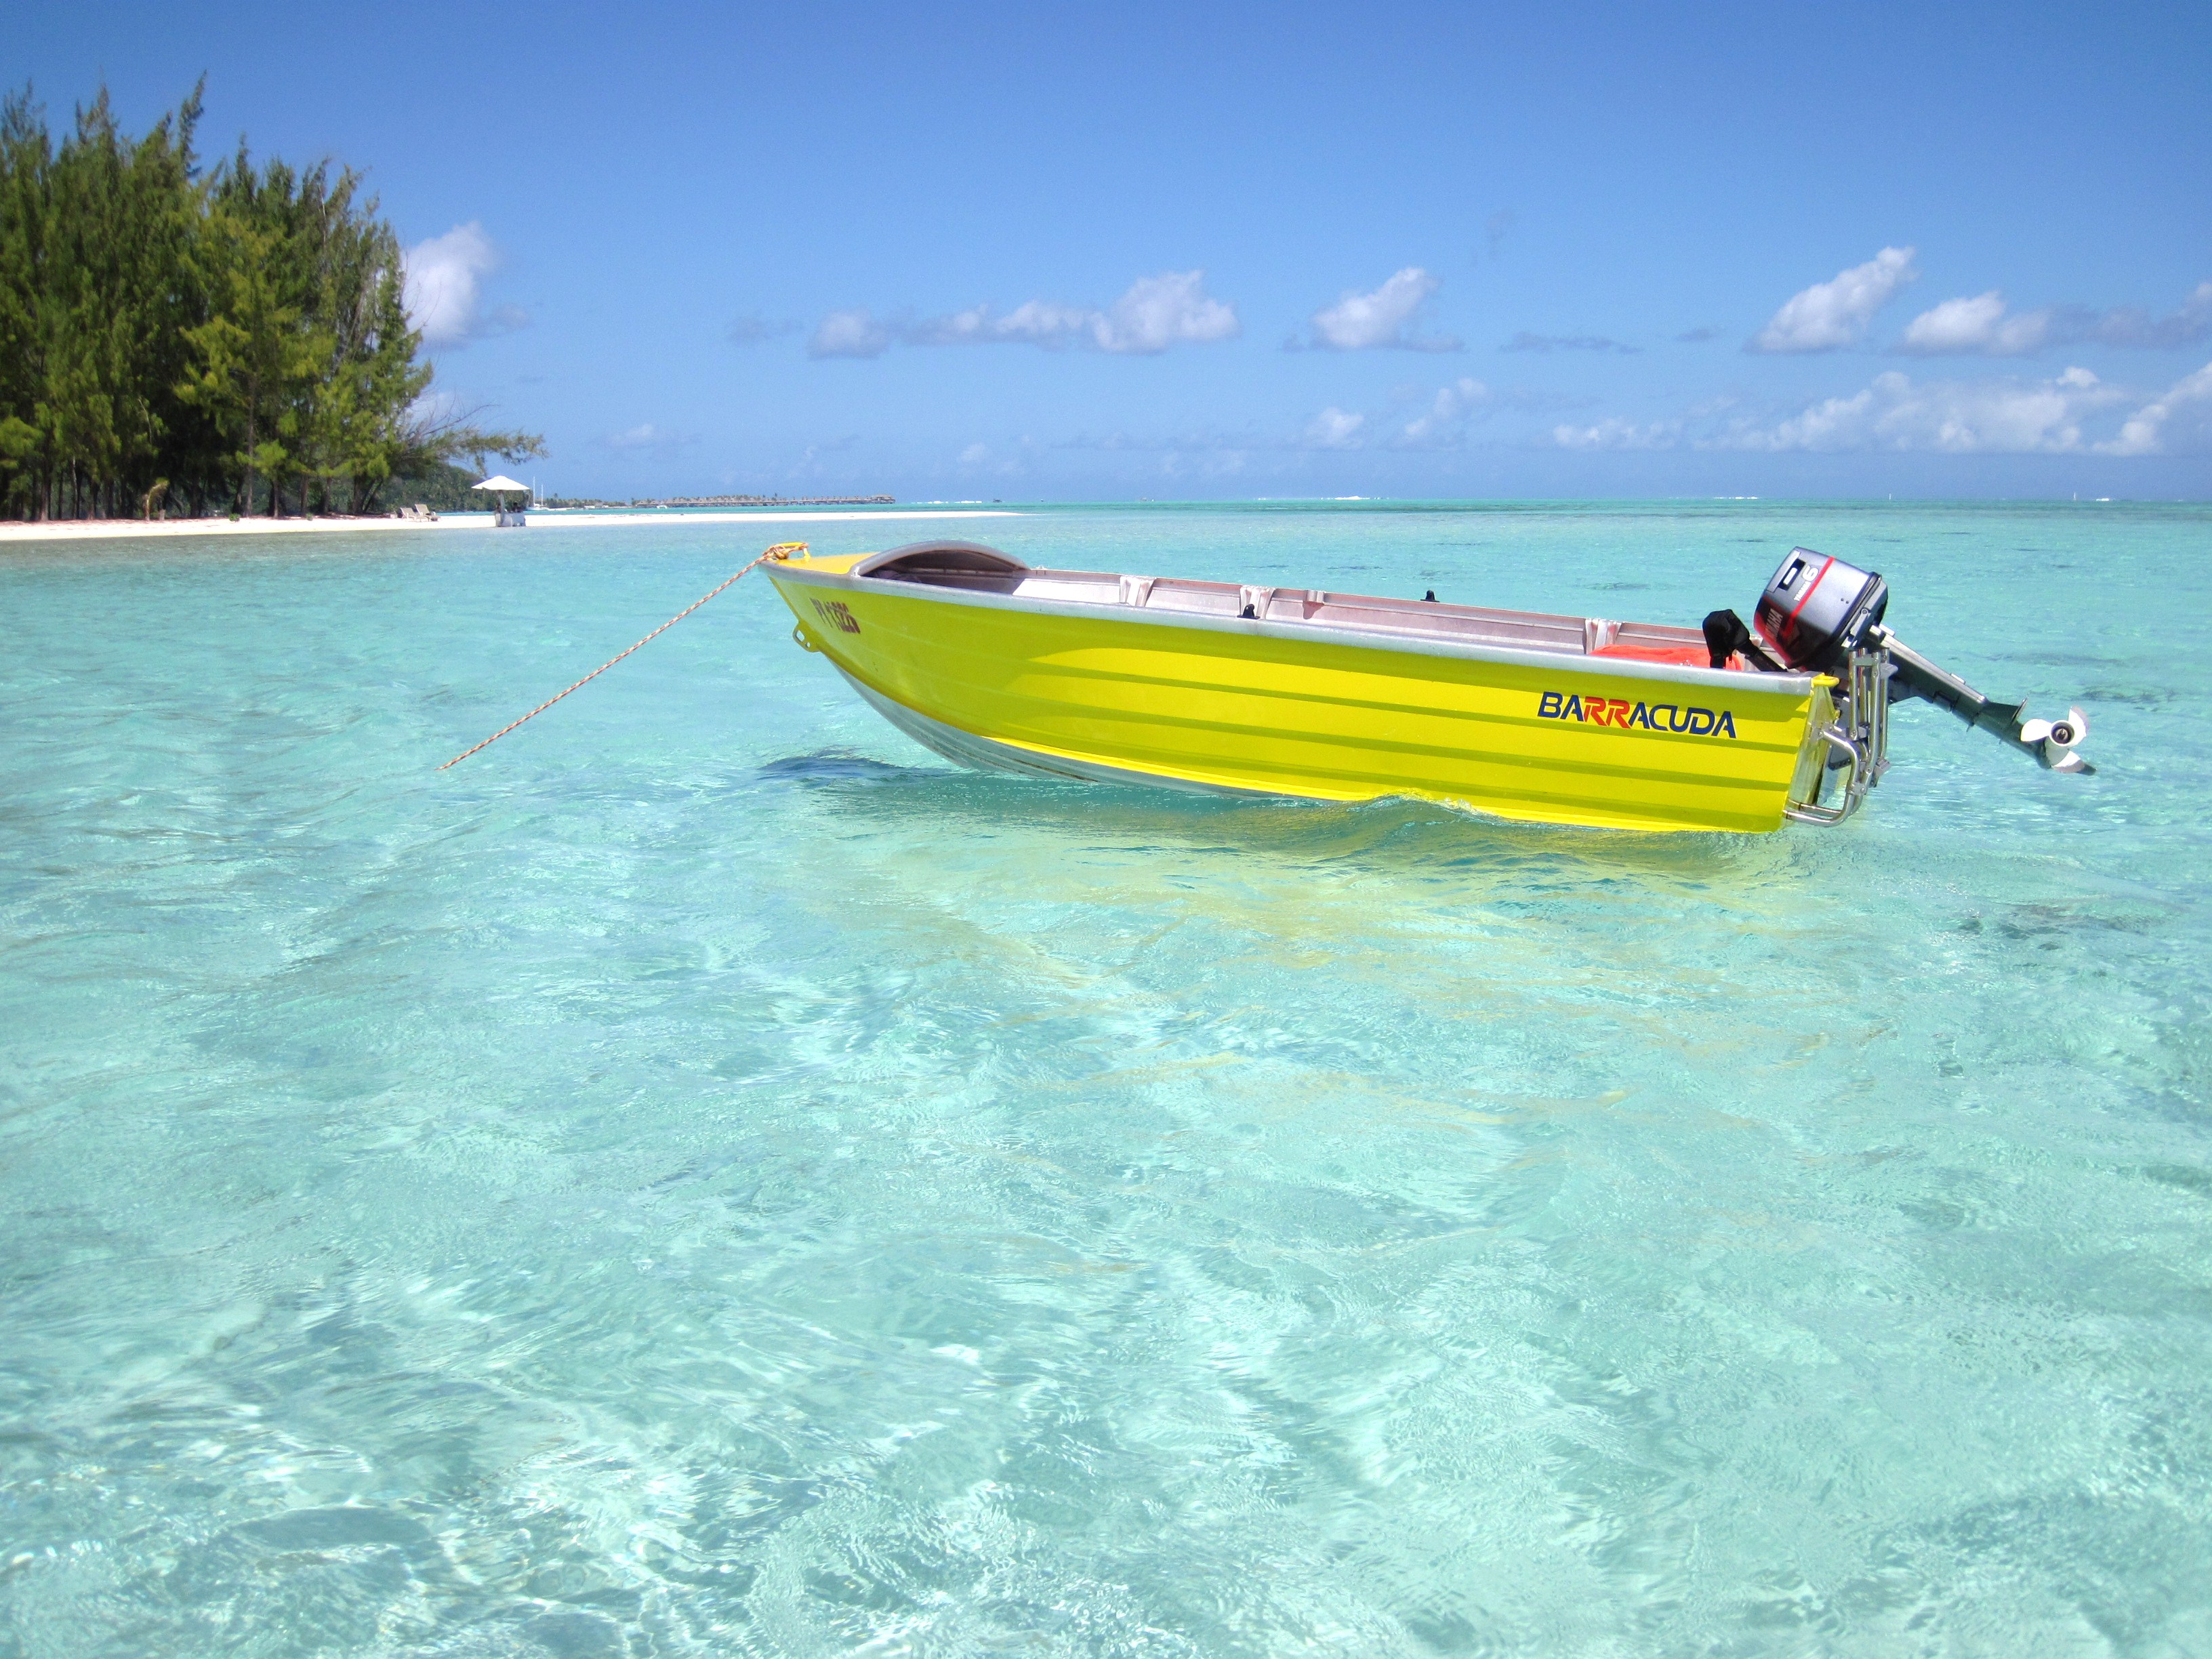 Mare e spiagge piu belle del mondo